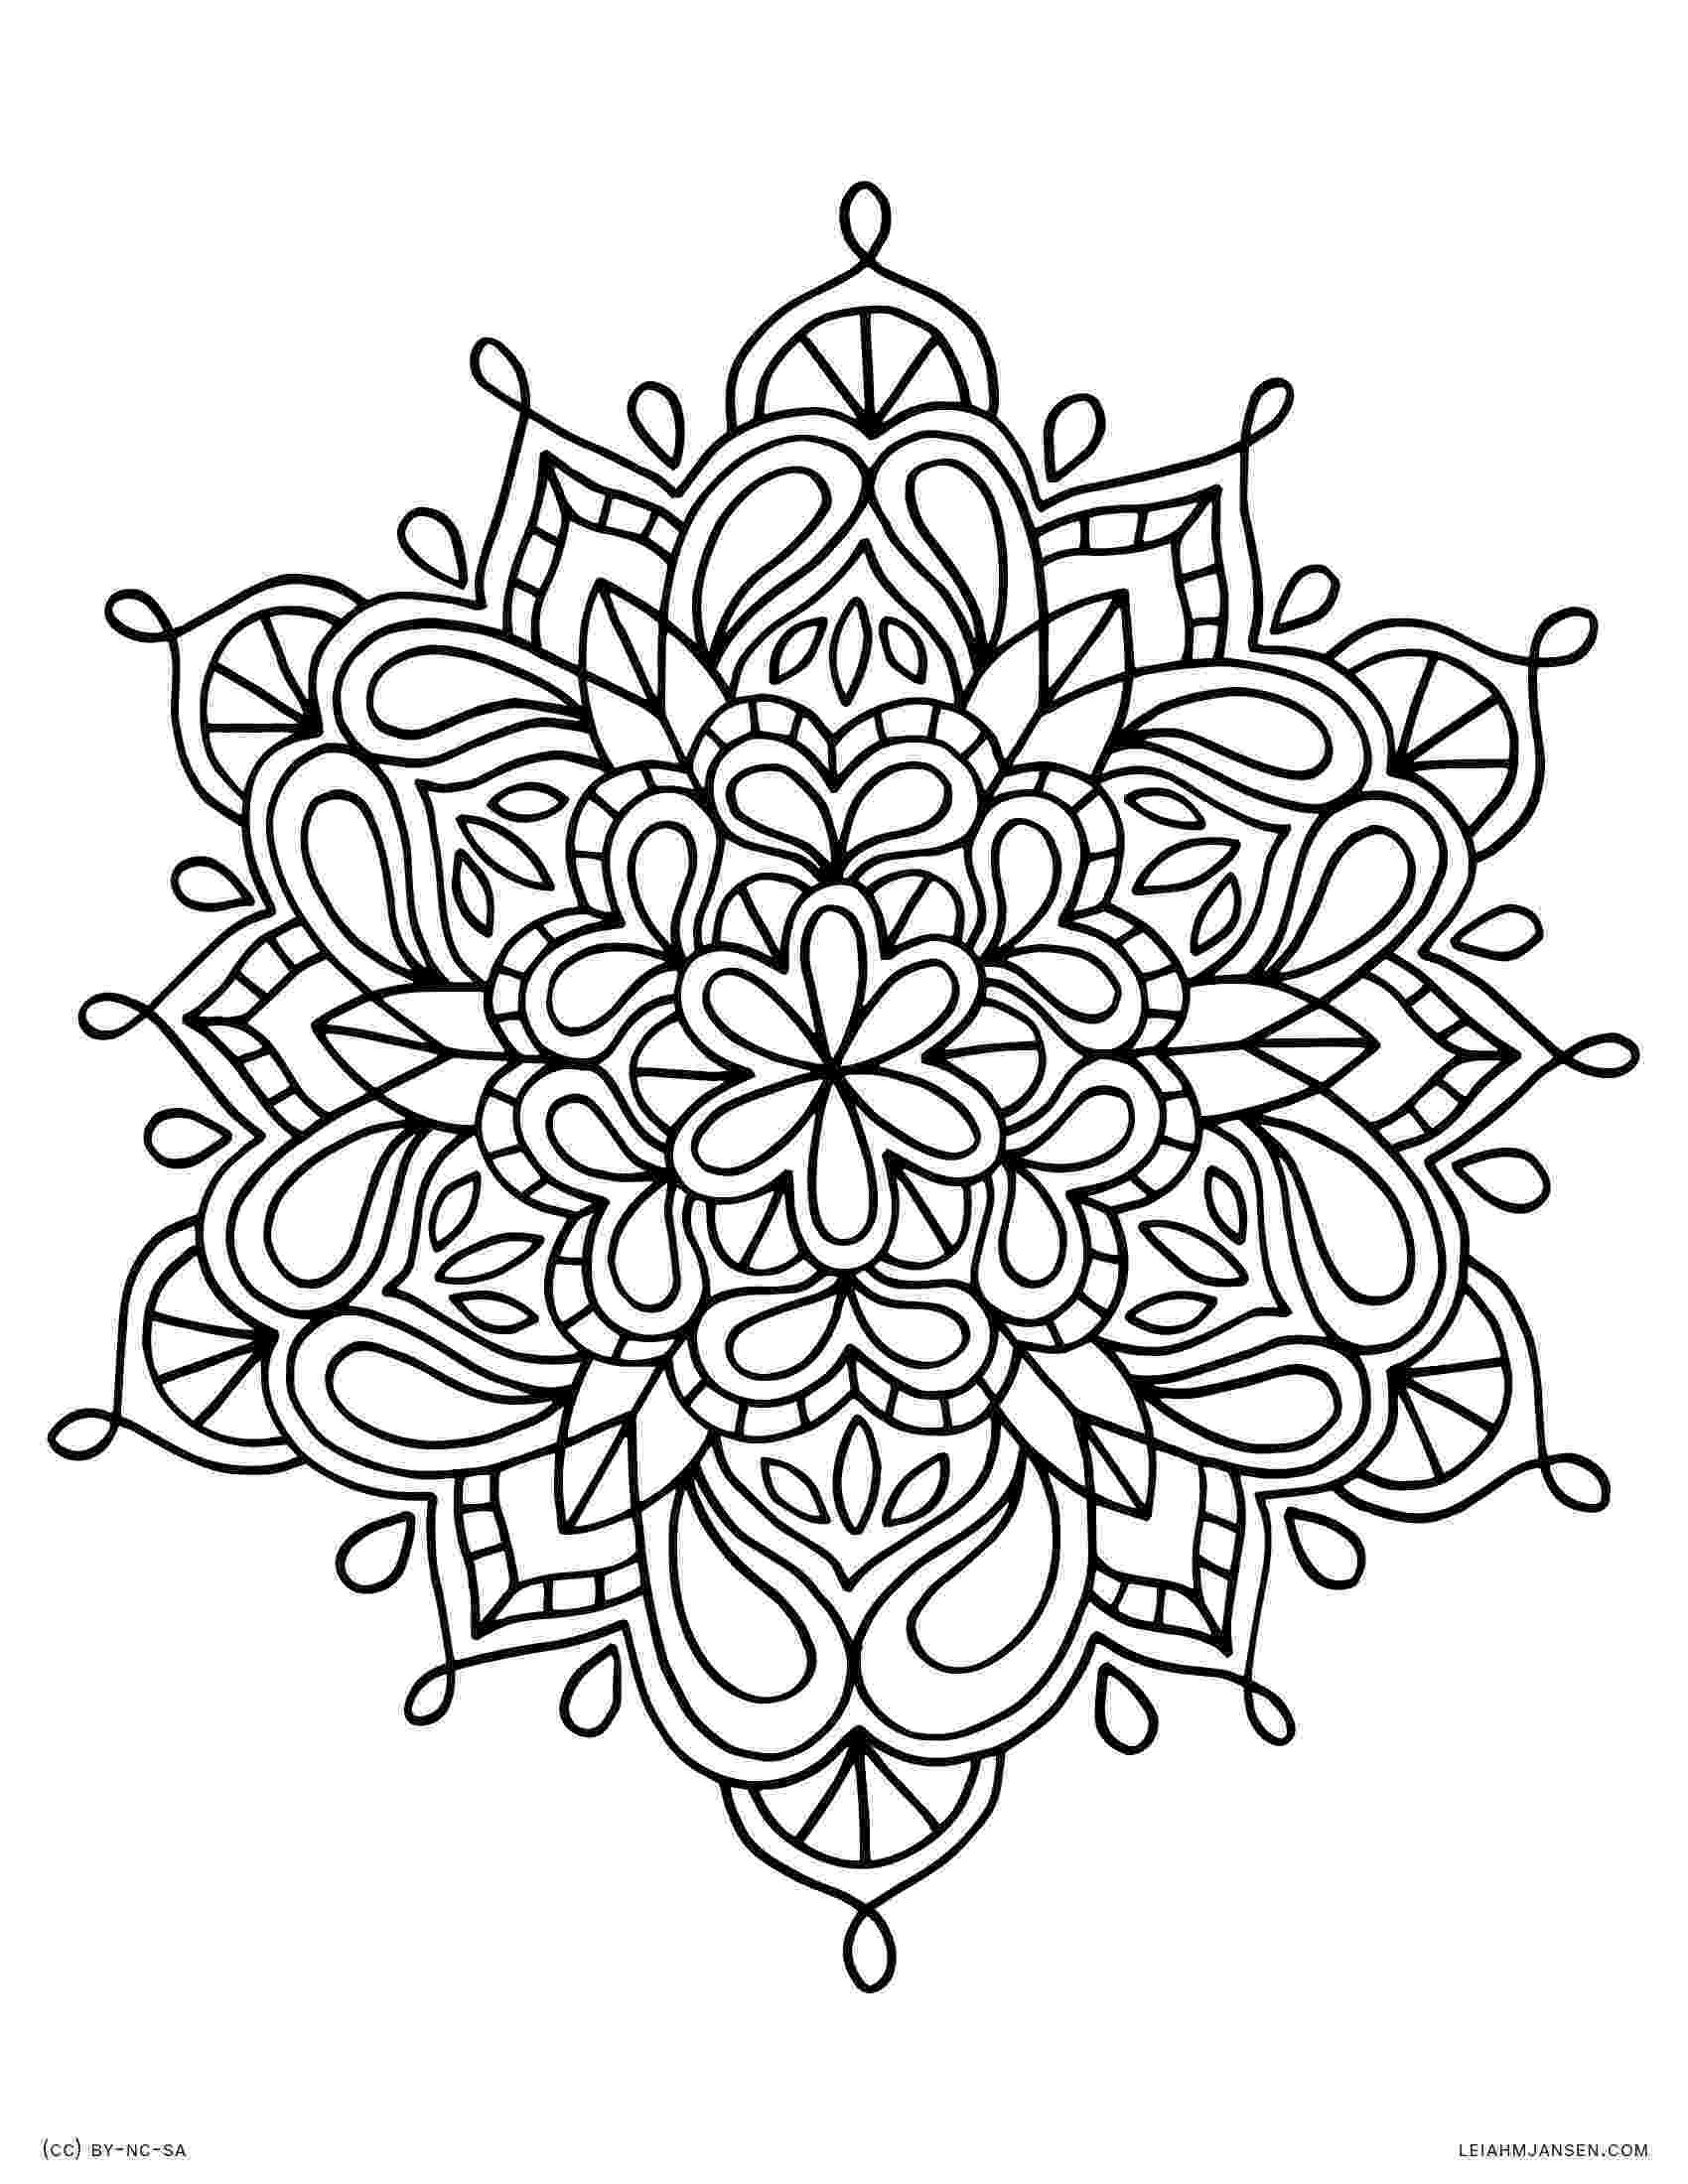 free mandala coloring beautiful free mandala coloring pages skip to my lou free coloring mandala